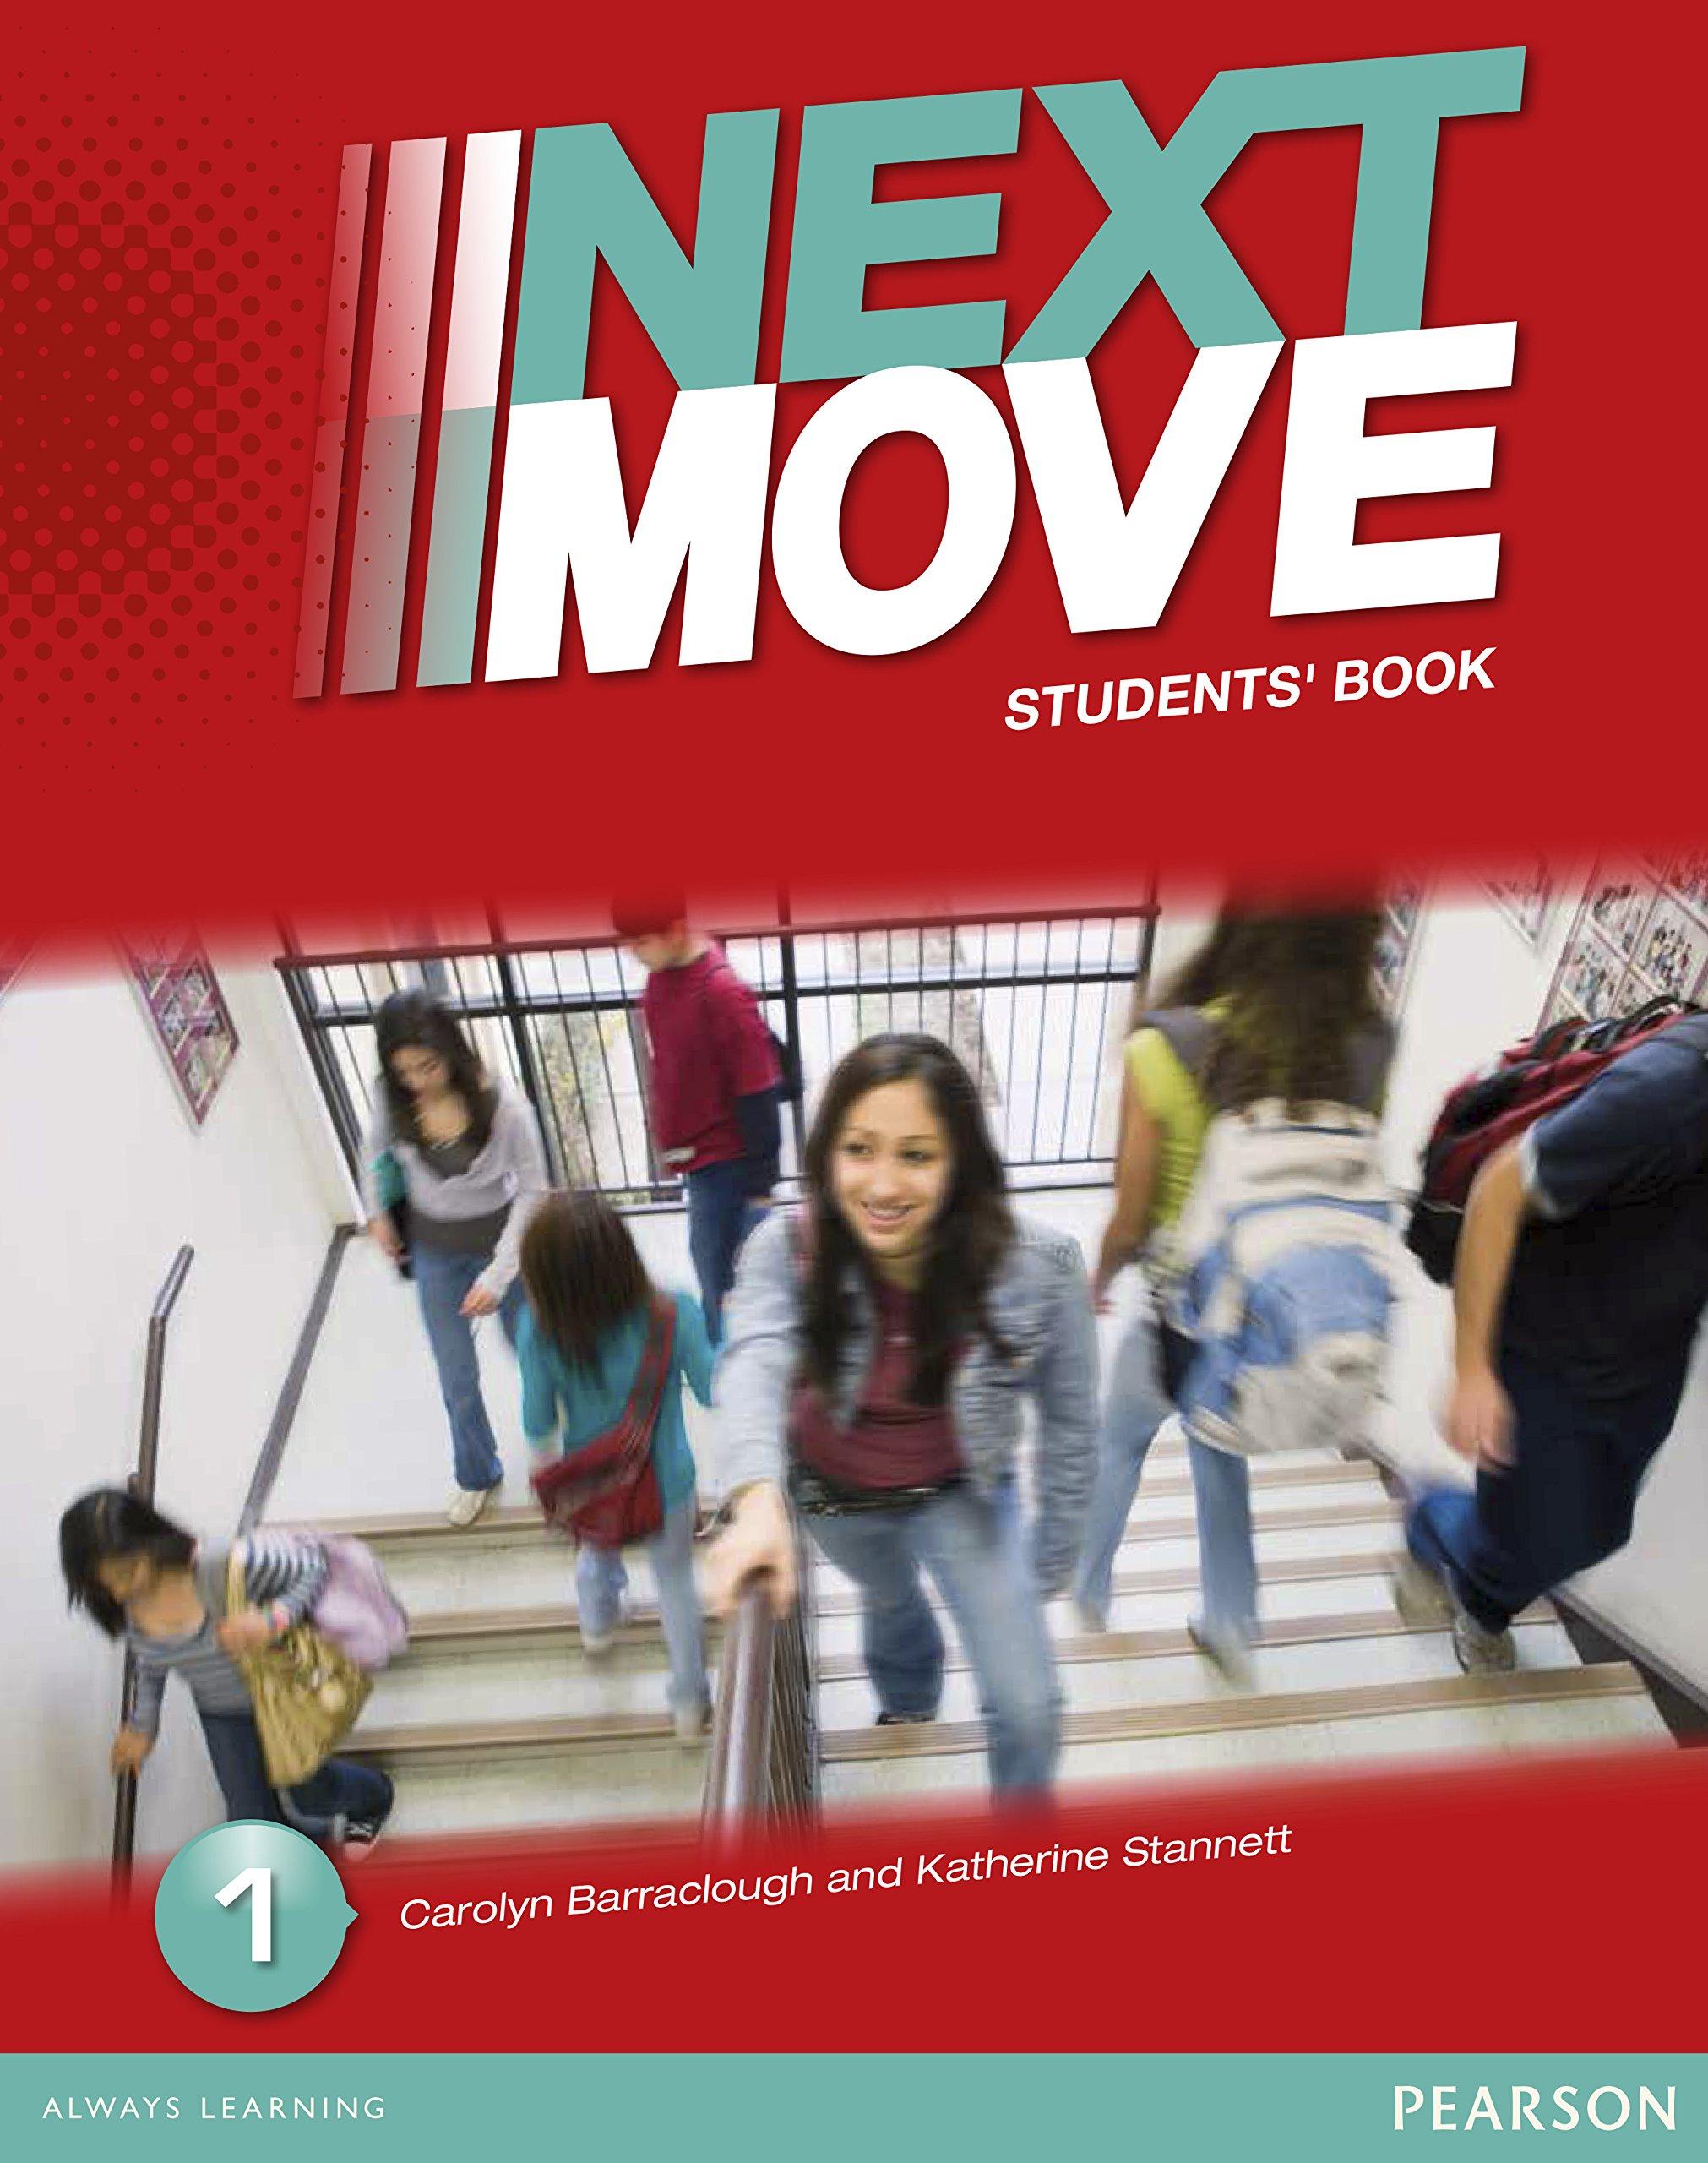 Next Move Spain 1 Students Book - 9781447974543: Amazon.es: Carolyn Barraclough, et al: Libros en idiomas extranjeros